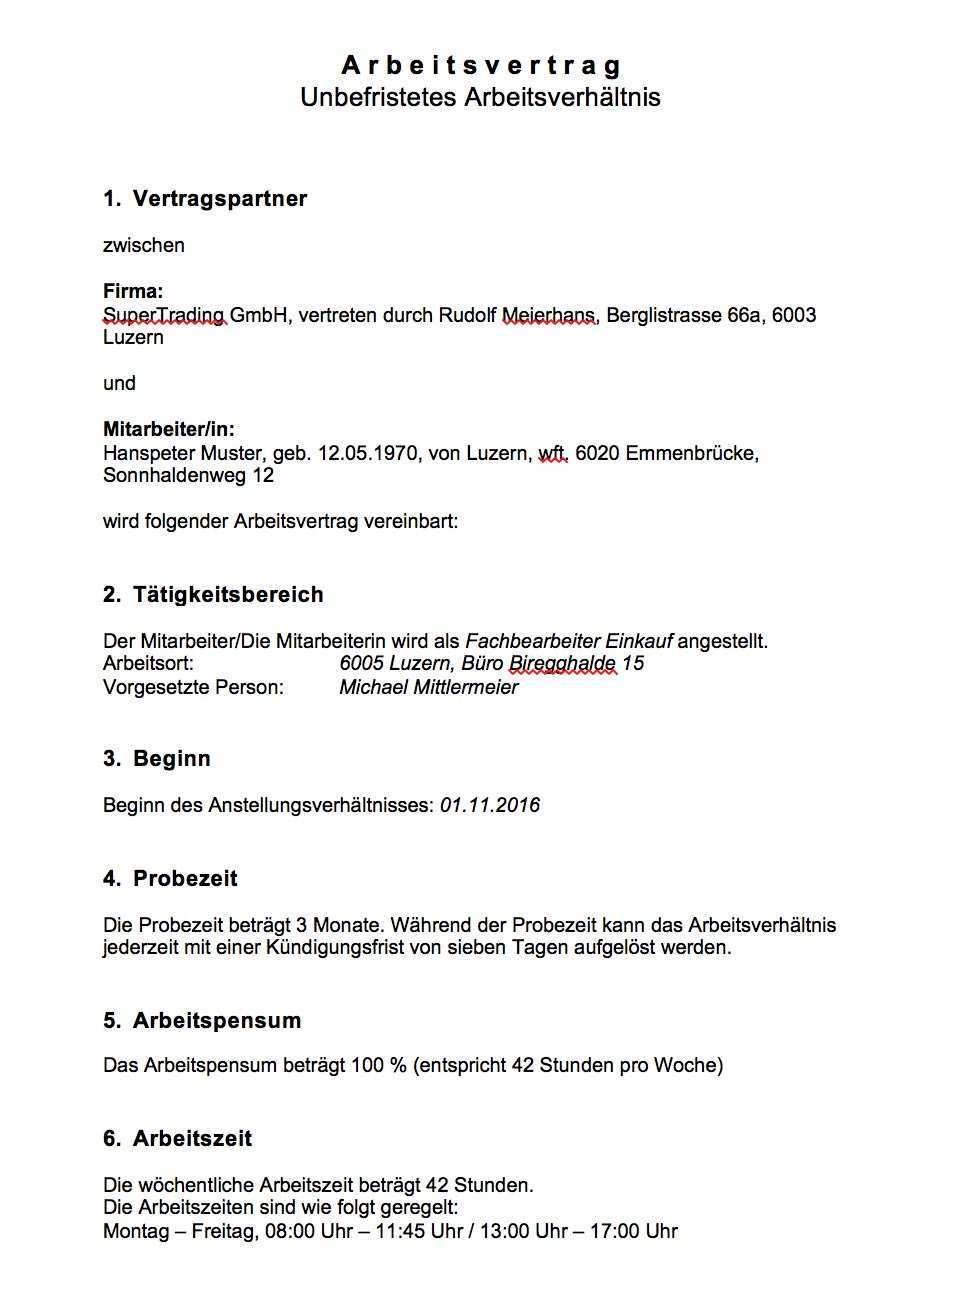 Arbeitsvertrag Muster Schweiz Kostenlos Muster Vorlage Ch